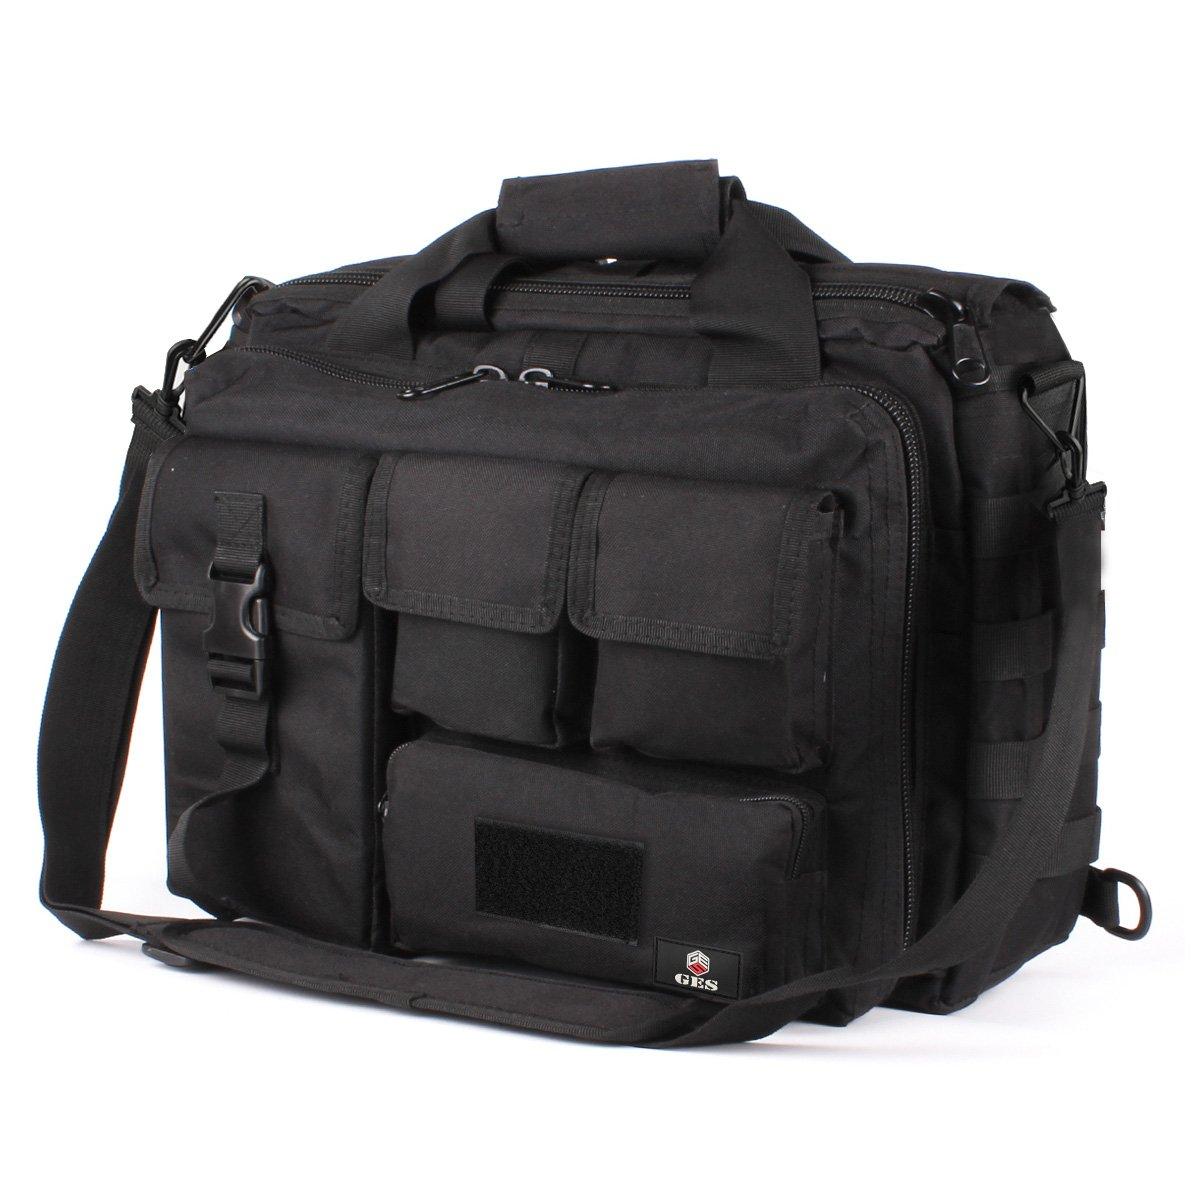 GES Laptop Bag - 17.3 Inch Men's Messenger Bag Multifunction Tactical Military Briefcase, Computer Shoulder Handbags for Laptop/Camera, Black